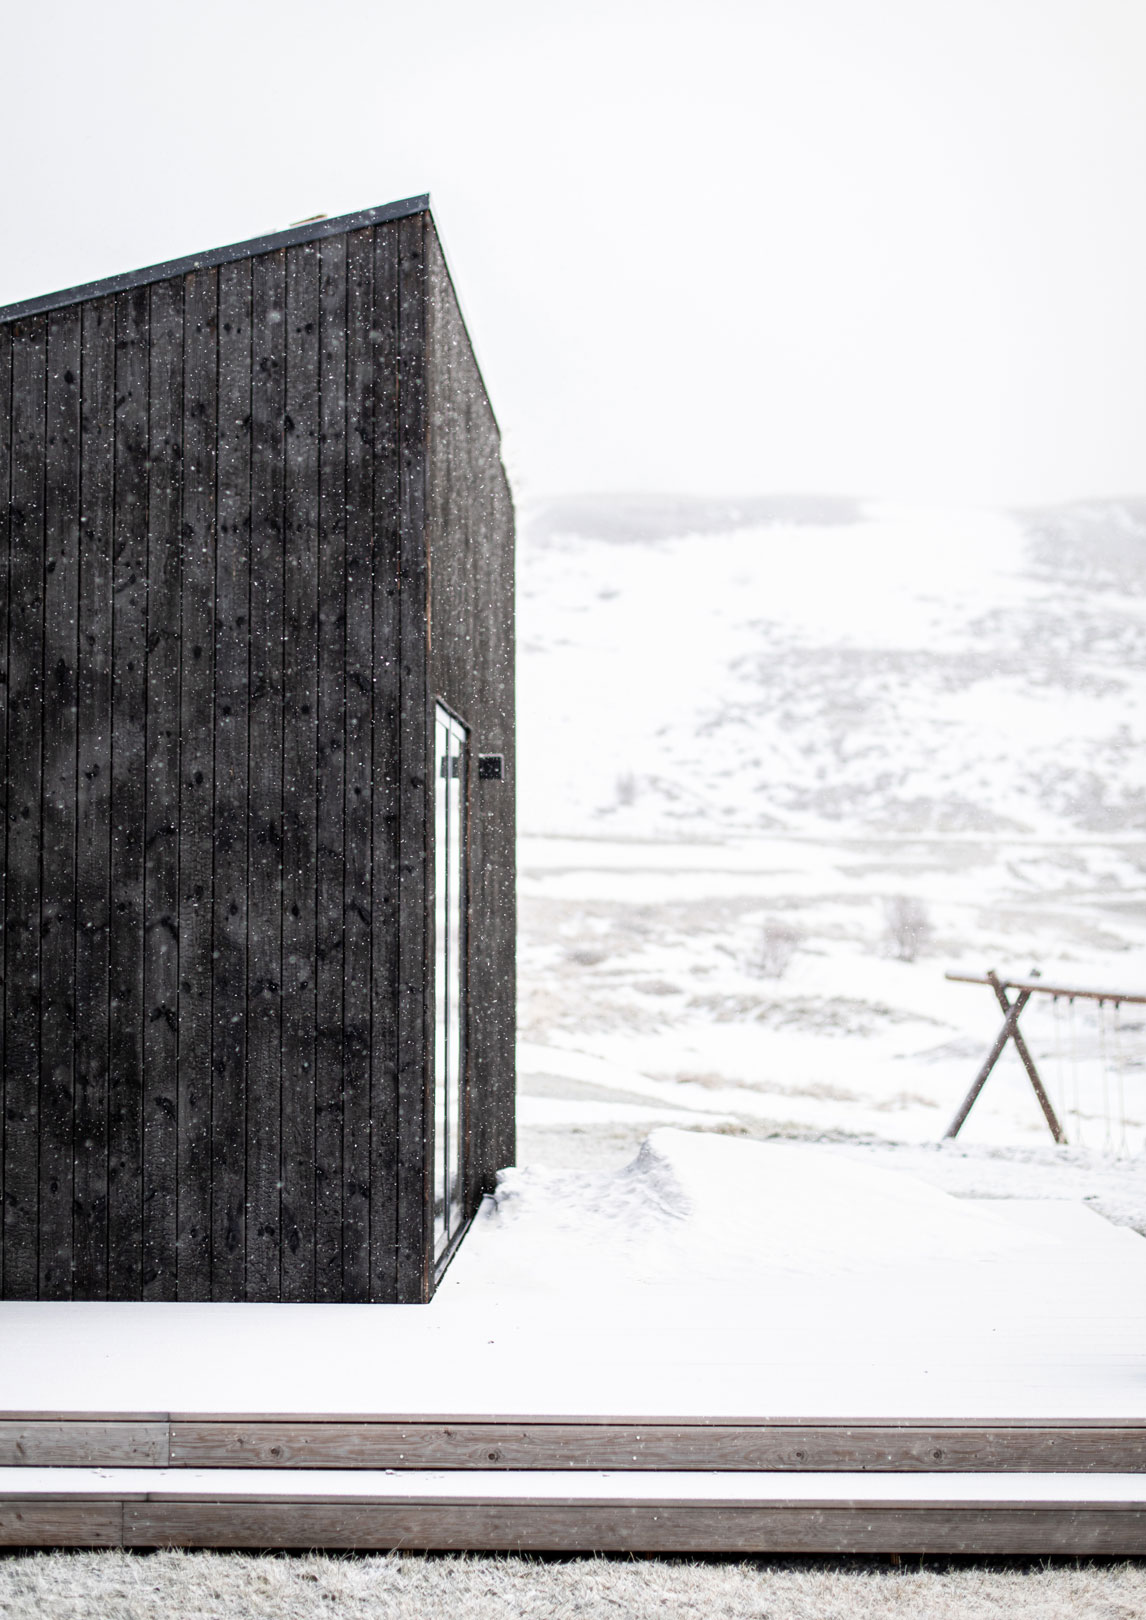 Auaunn Níelsson via Studio Heima